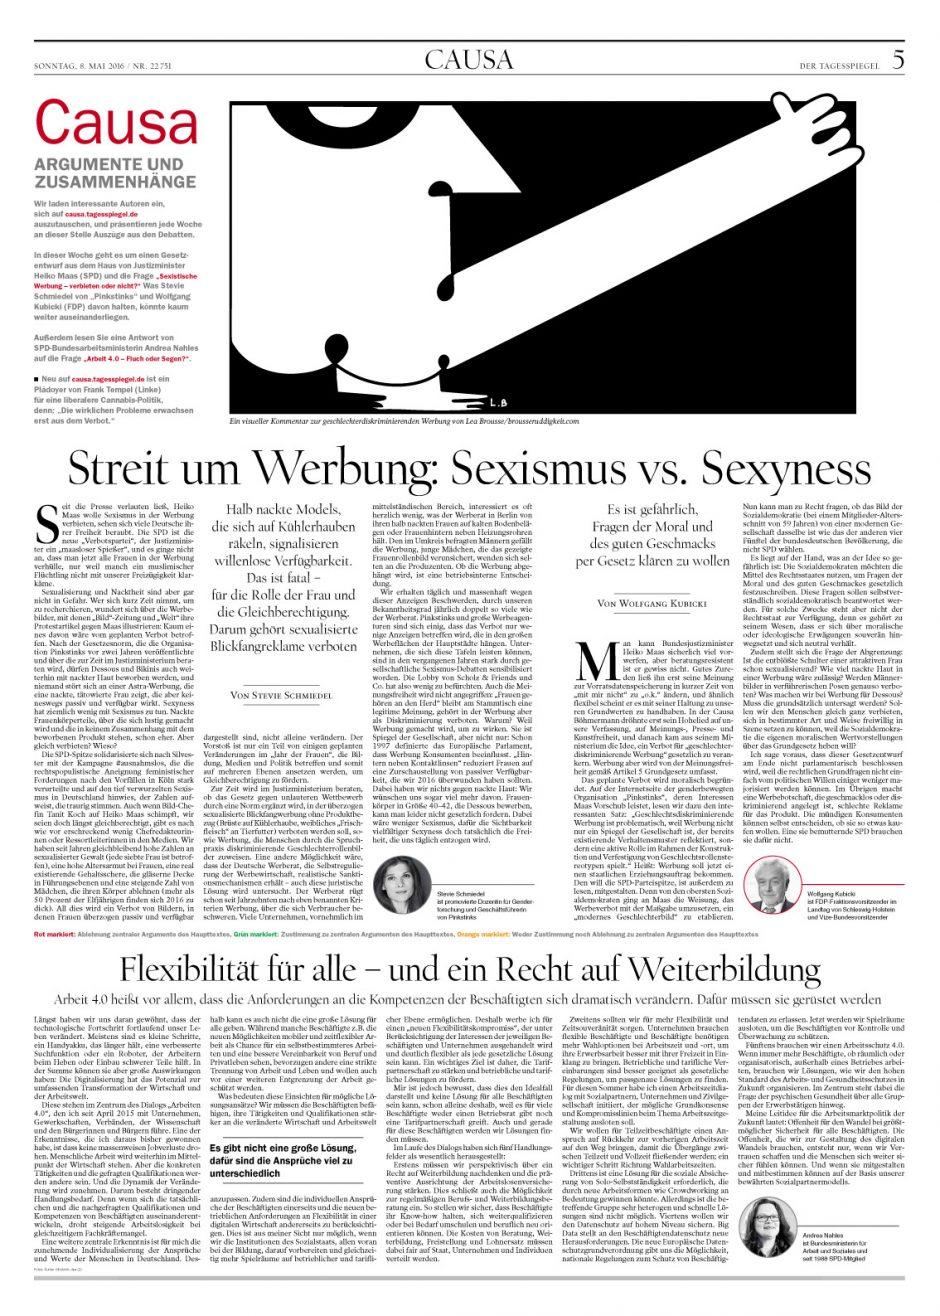 Gold: Der Tagesspiegel Nr. 323/2015 bis 137/2016, Causa, Illustratoren Lea Brousse und Raban Ruddigkeit